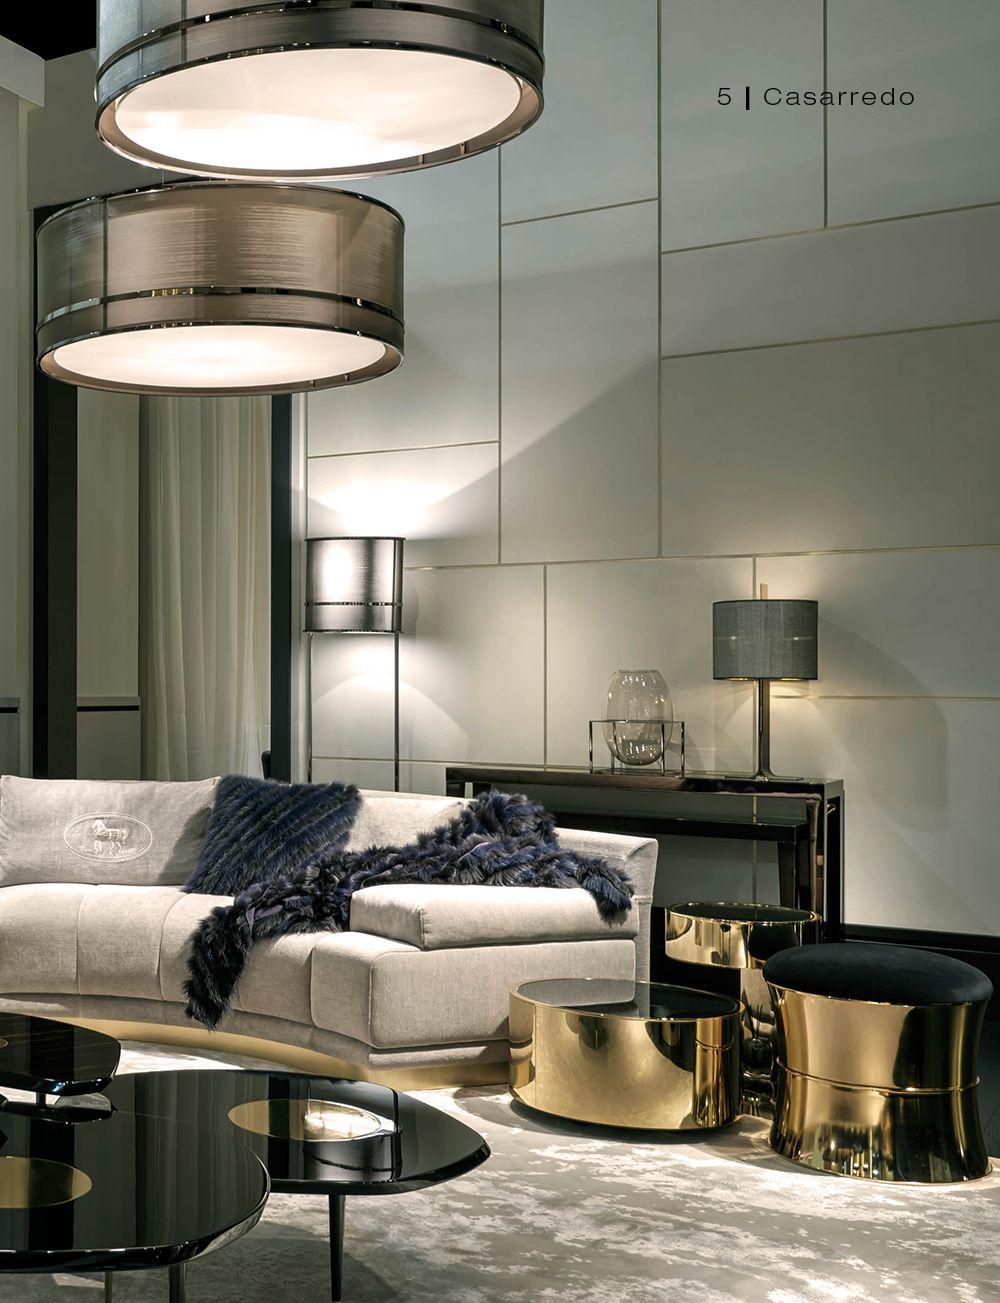 Pin de rosario en espejos decorativos dise o interiores for Muebles de comedor modernos en rosario